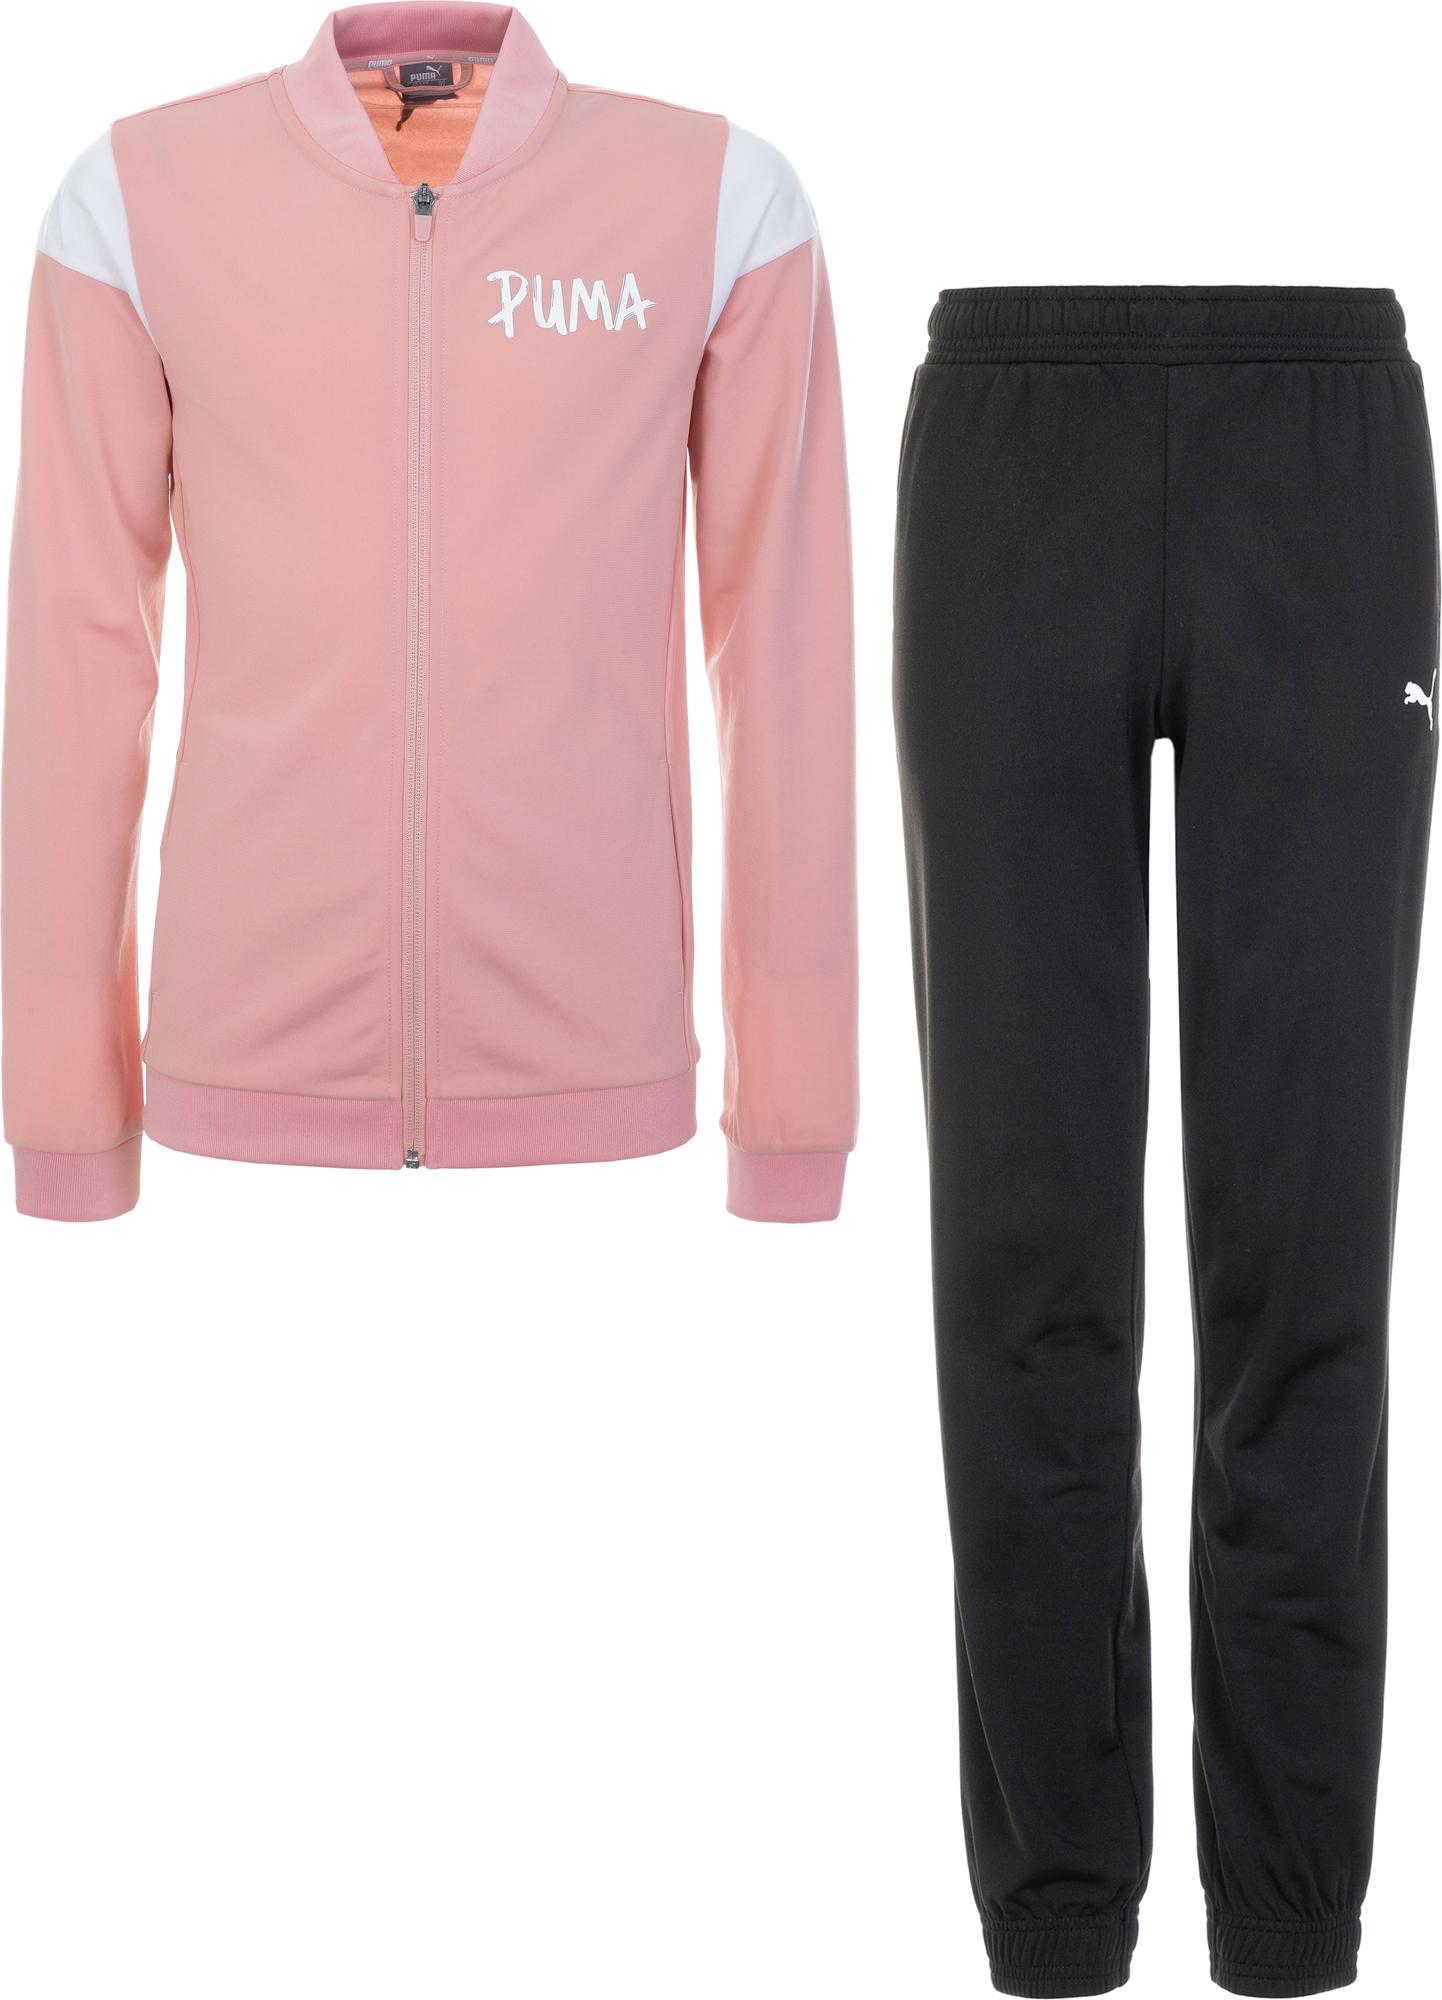 Puma Костюм для девочек Puma Poly Suit, размер 164 костюм спортивный женский puma active yogini woven suit цвет коралловый 85021628 размер xl 48 50